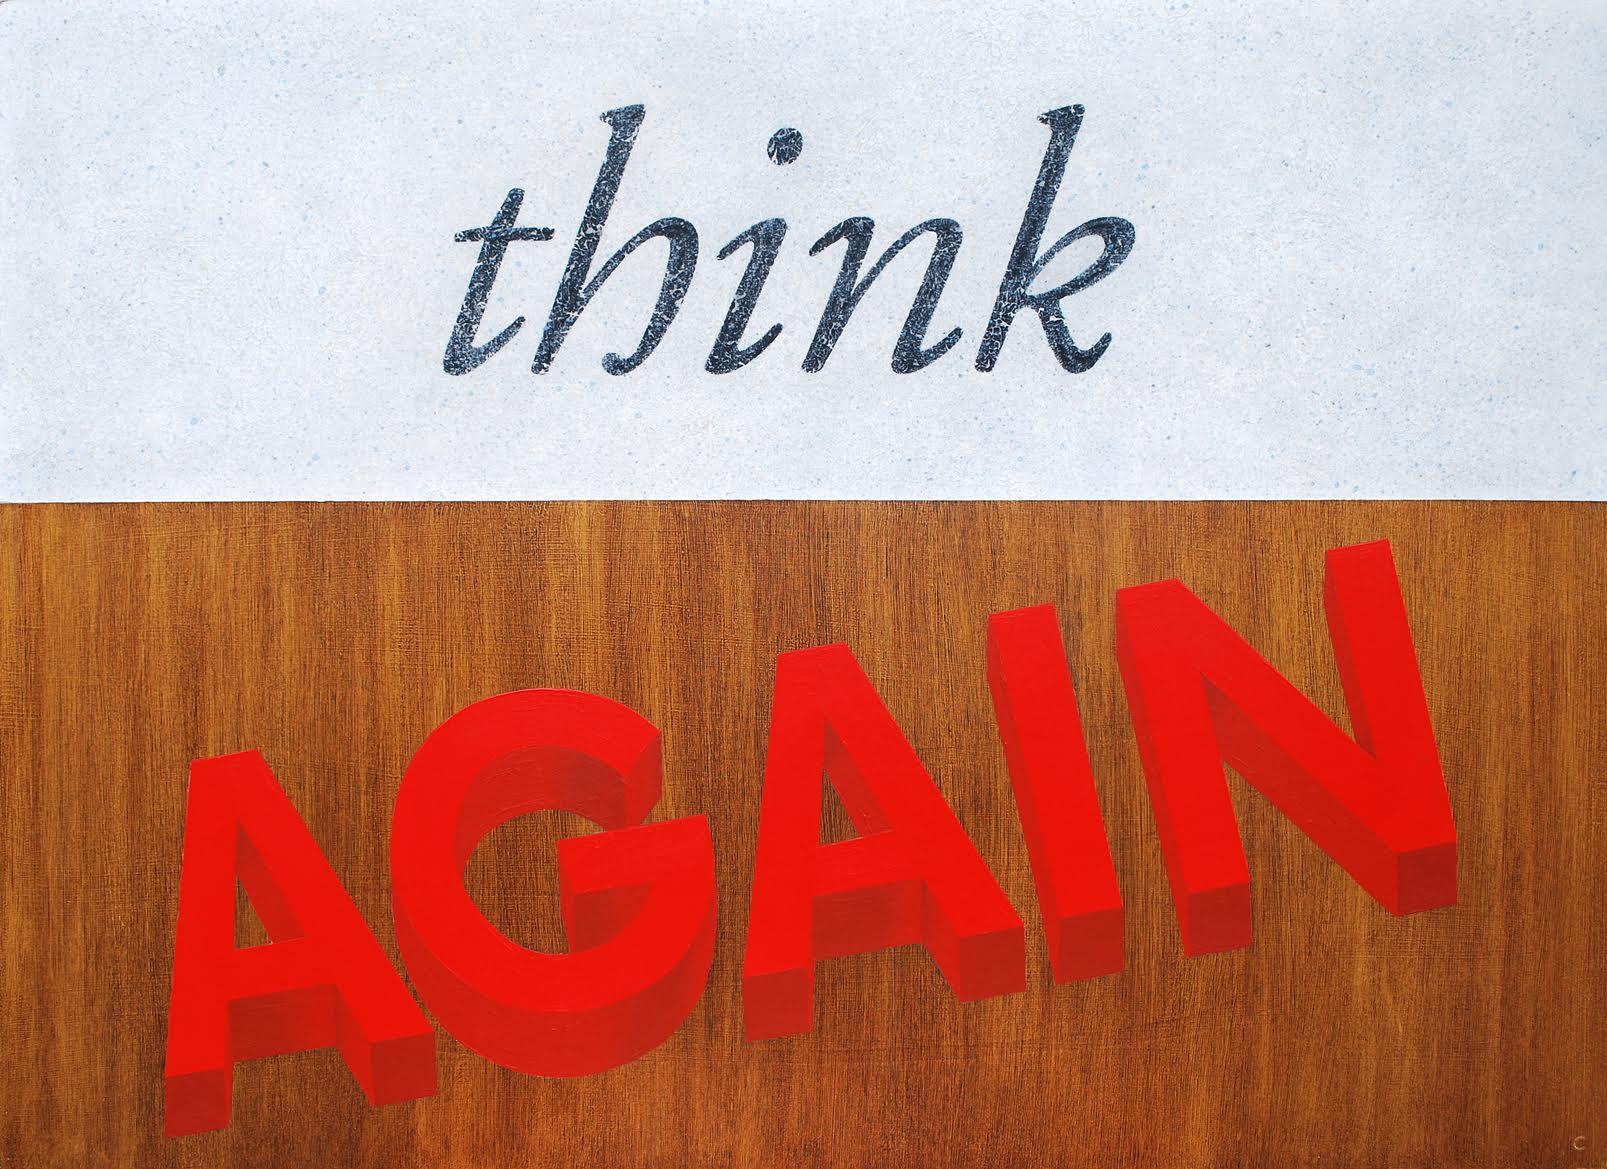 think (AGAIN)